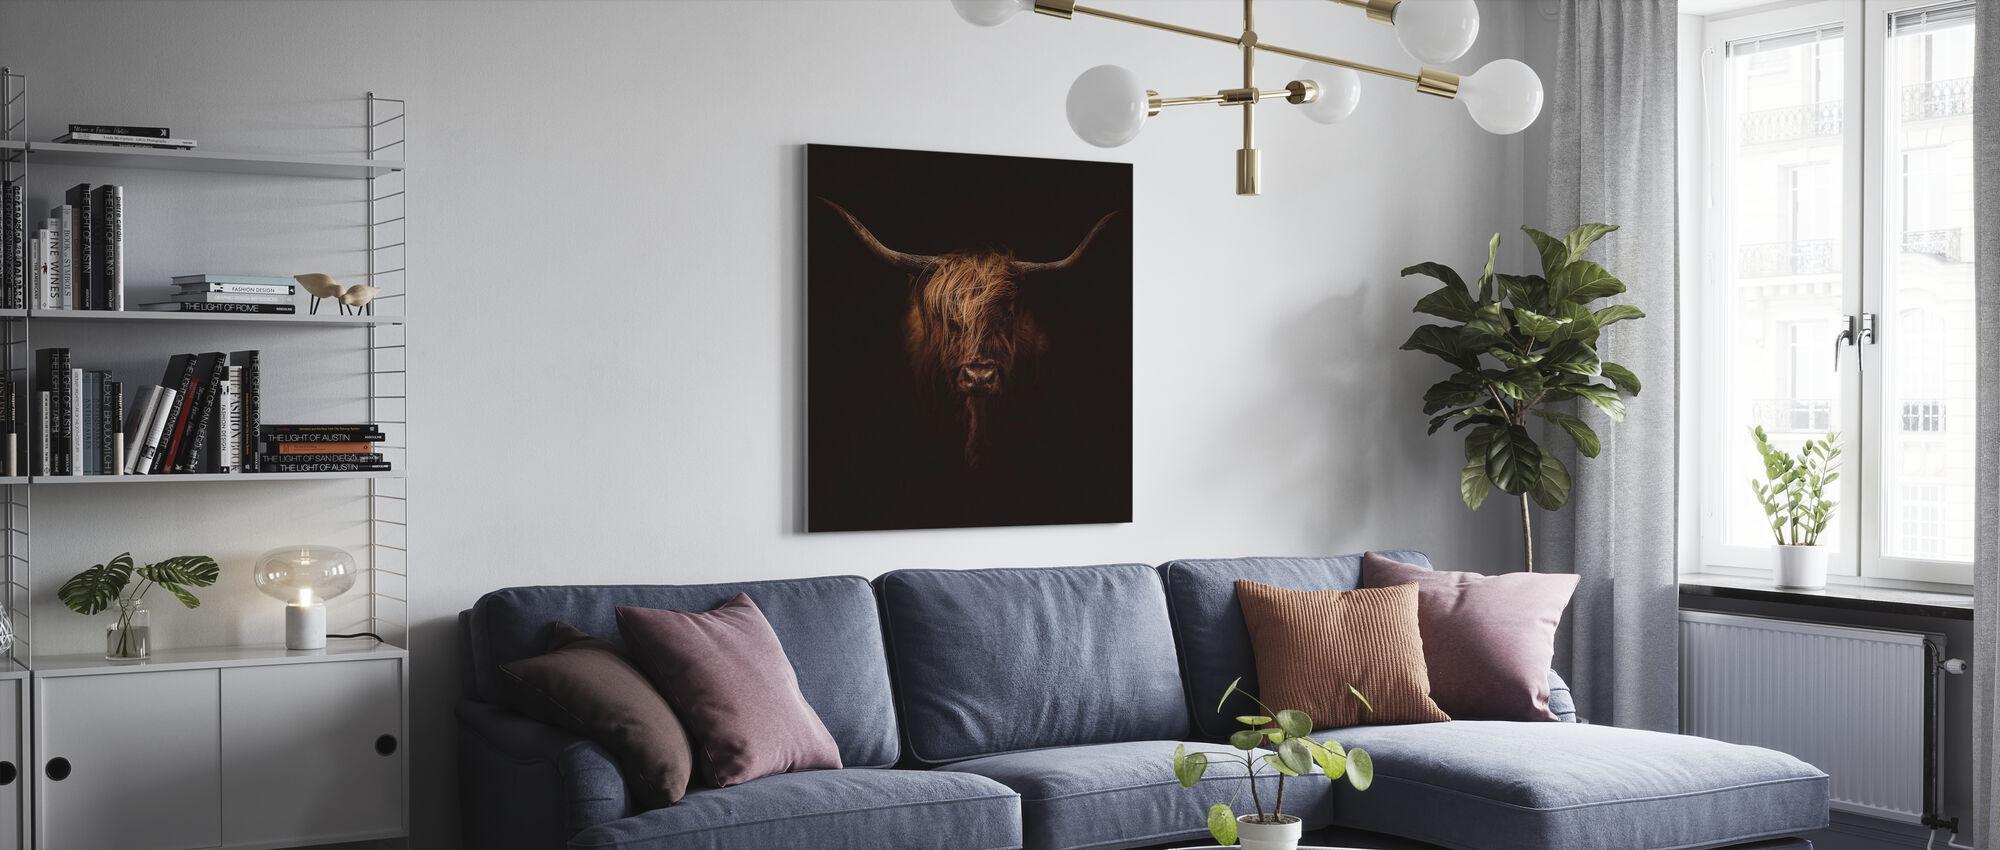 Skotsk höglandsboskap - Canvastavla - Vardagsrum